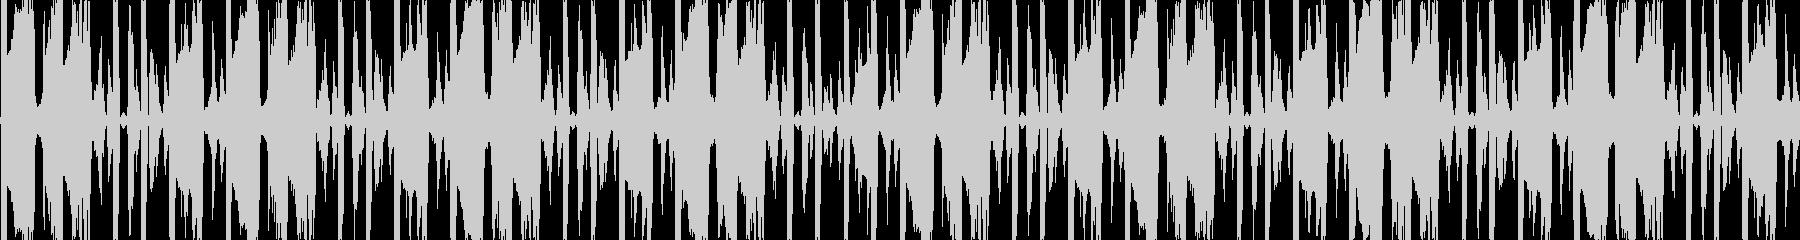 明るいトランス・EDM風BGMです。の未再生の波形